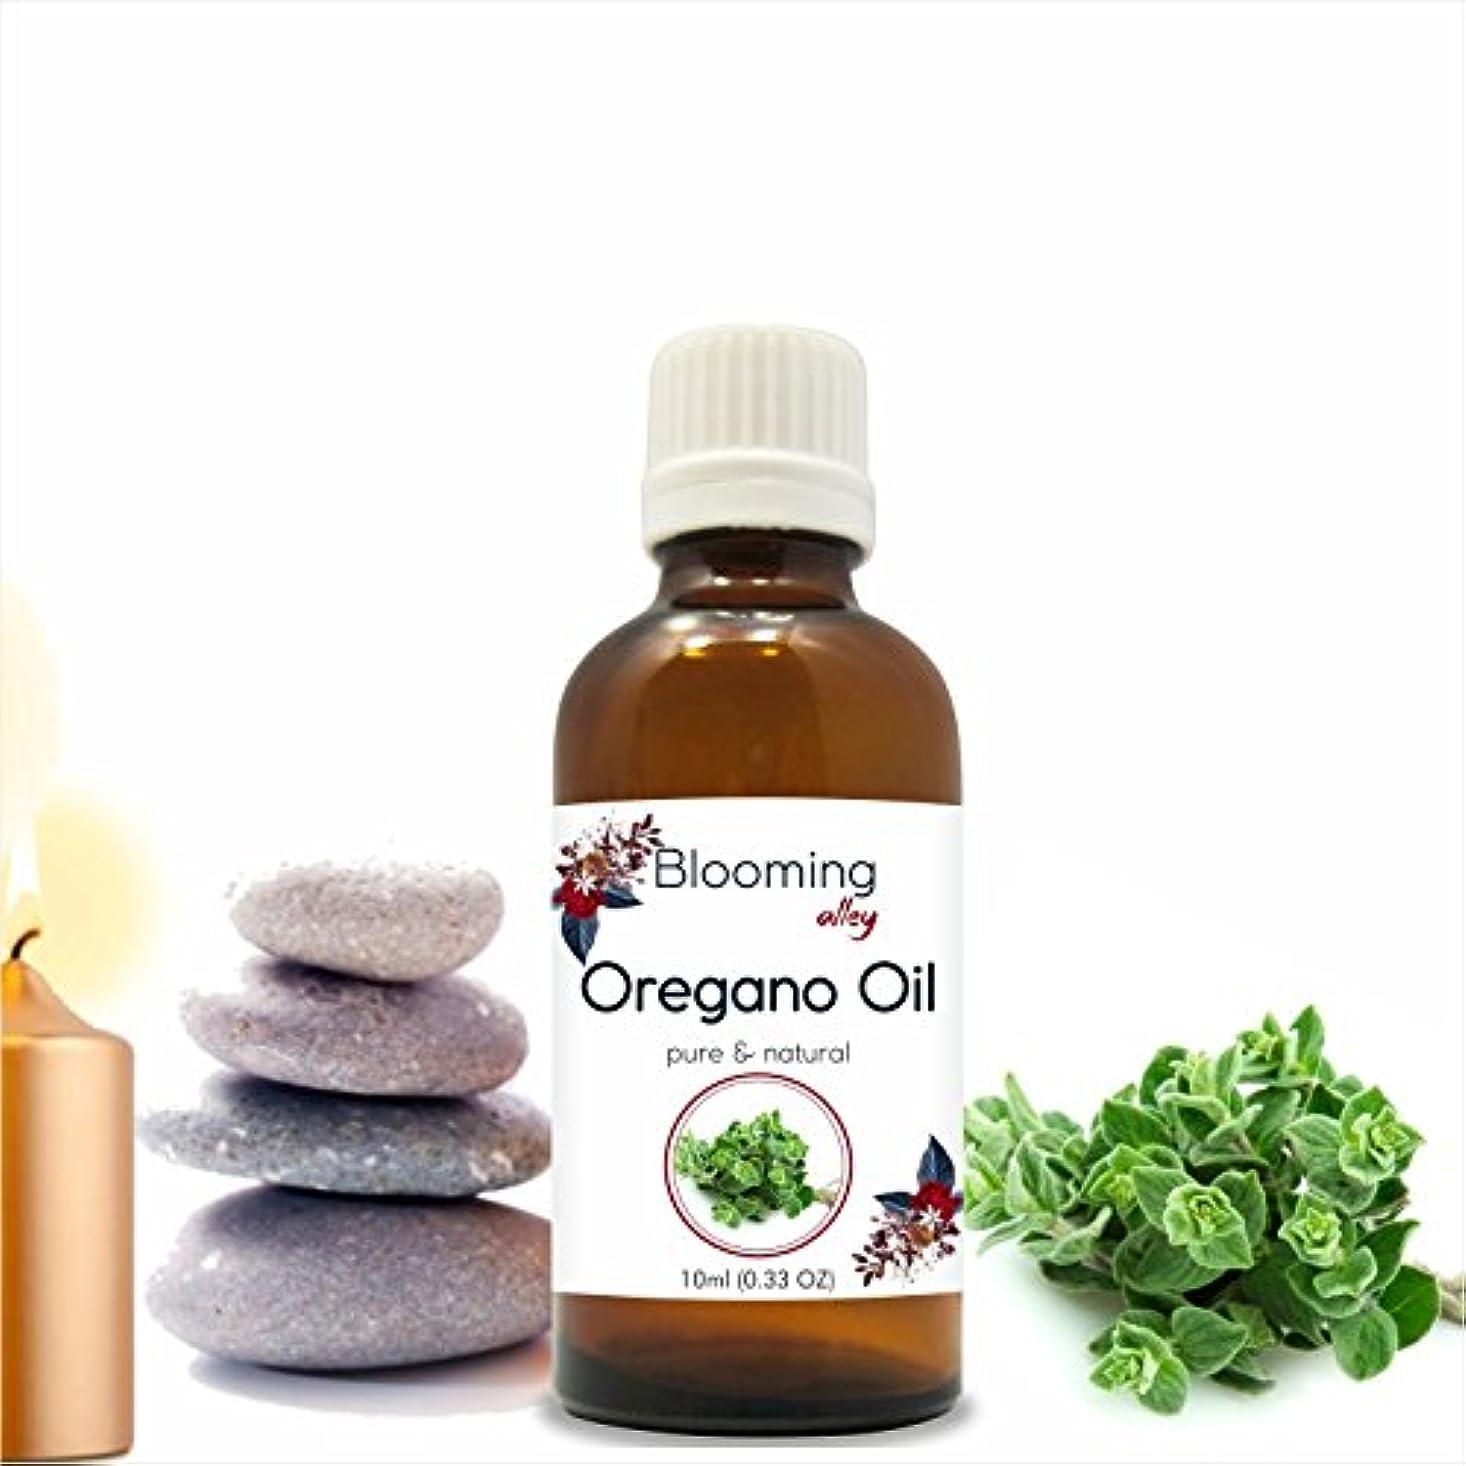 大きなスケールで見るとまもなく伝導Oregano Oil (Origanum Vulgare) Essential Oil 10 ml or 0.33 Fl Oz by Blooming Alley